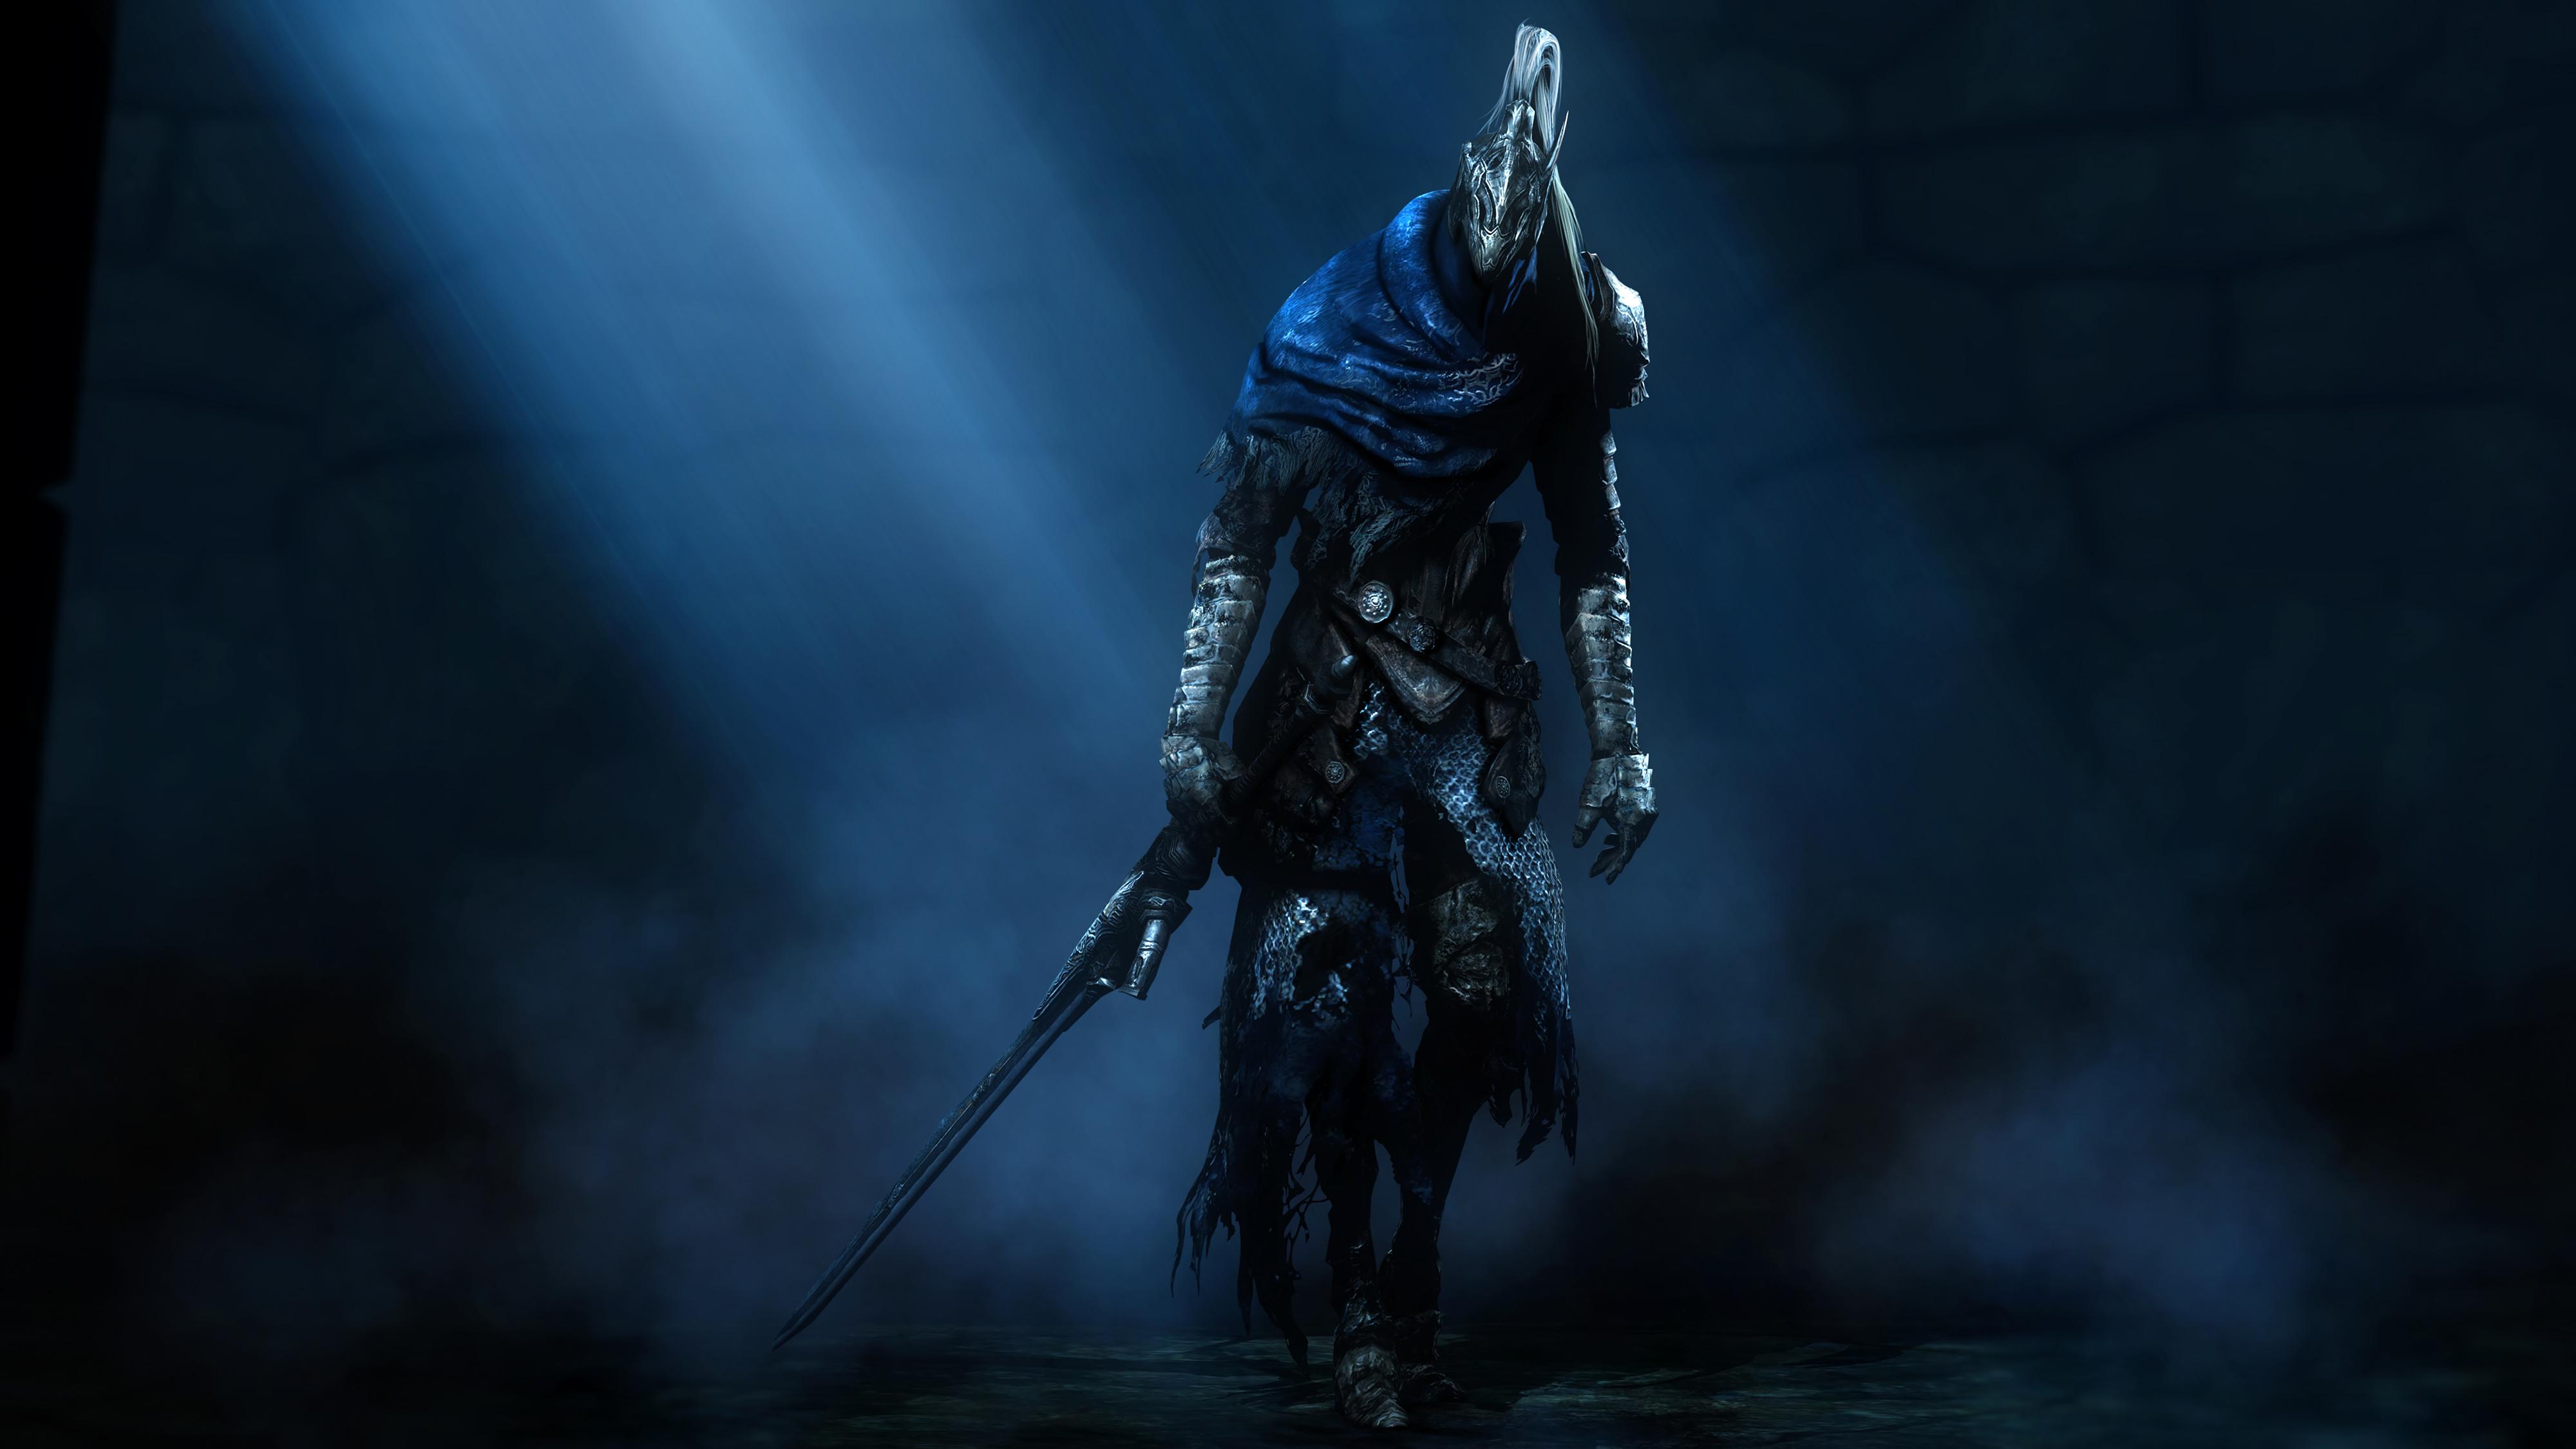 Dark Souls Fanart 4k Hd Artist 4k Wallpapers Images